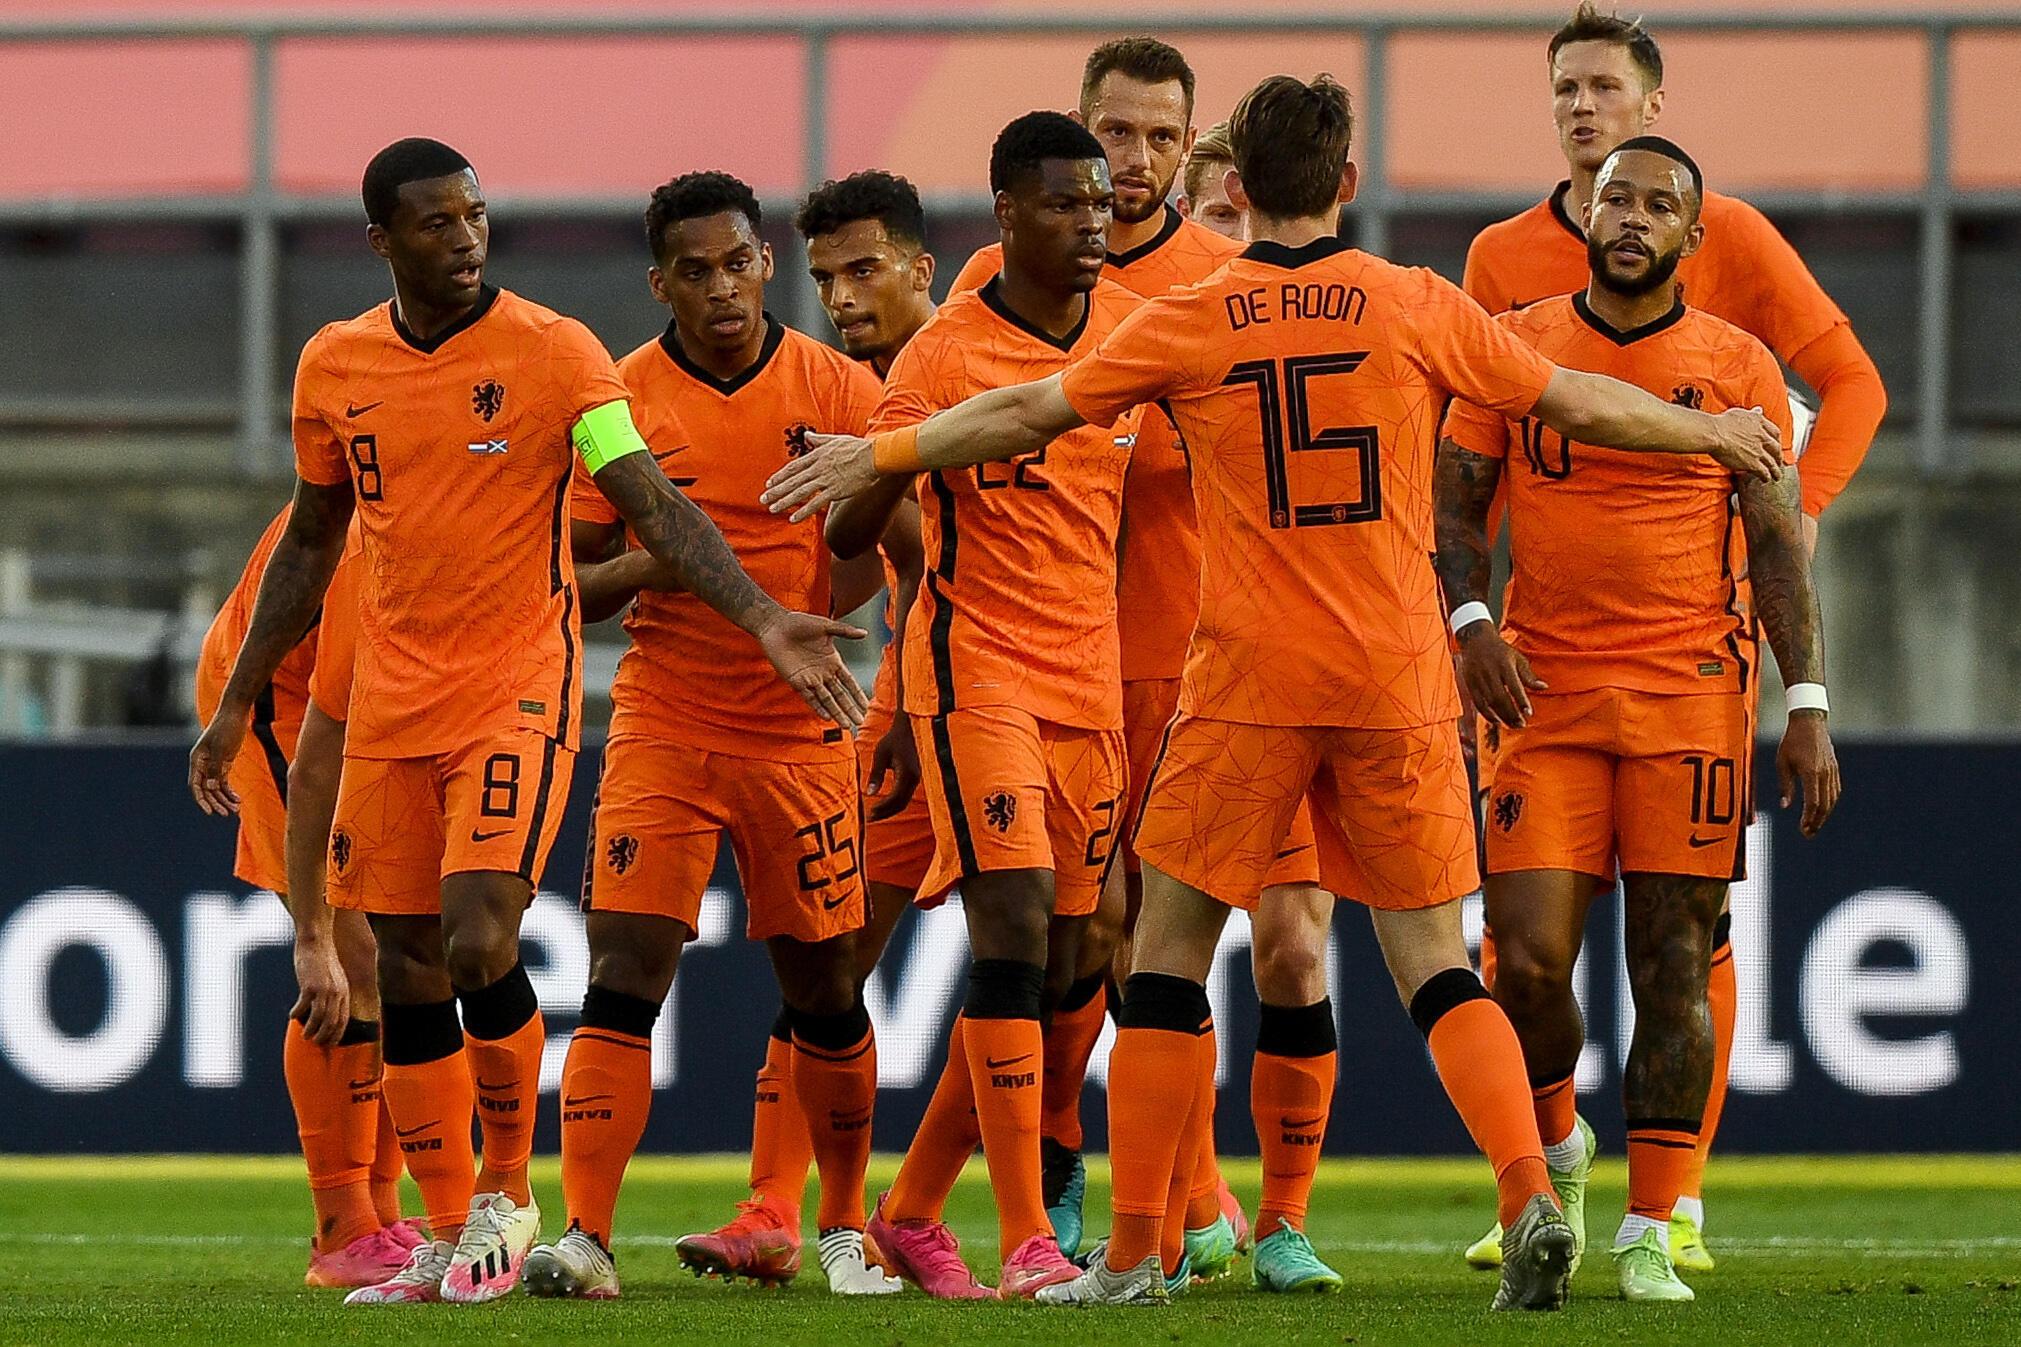 Les joueurs de la sélection néerlandaise montrent leur joie après le but inscrit par l'attaquant des Pays-Bas Memphis Depay (d.) lors du match international contre l'Ecosse, au stade de l'Algarve, à Faro (Portugal), le 2 juin 2021.